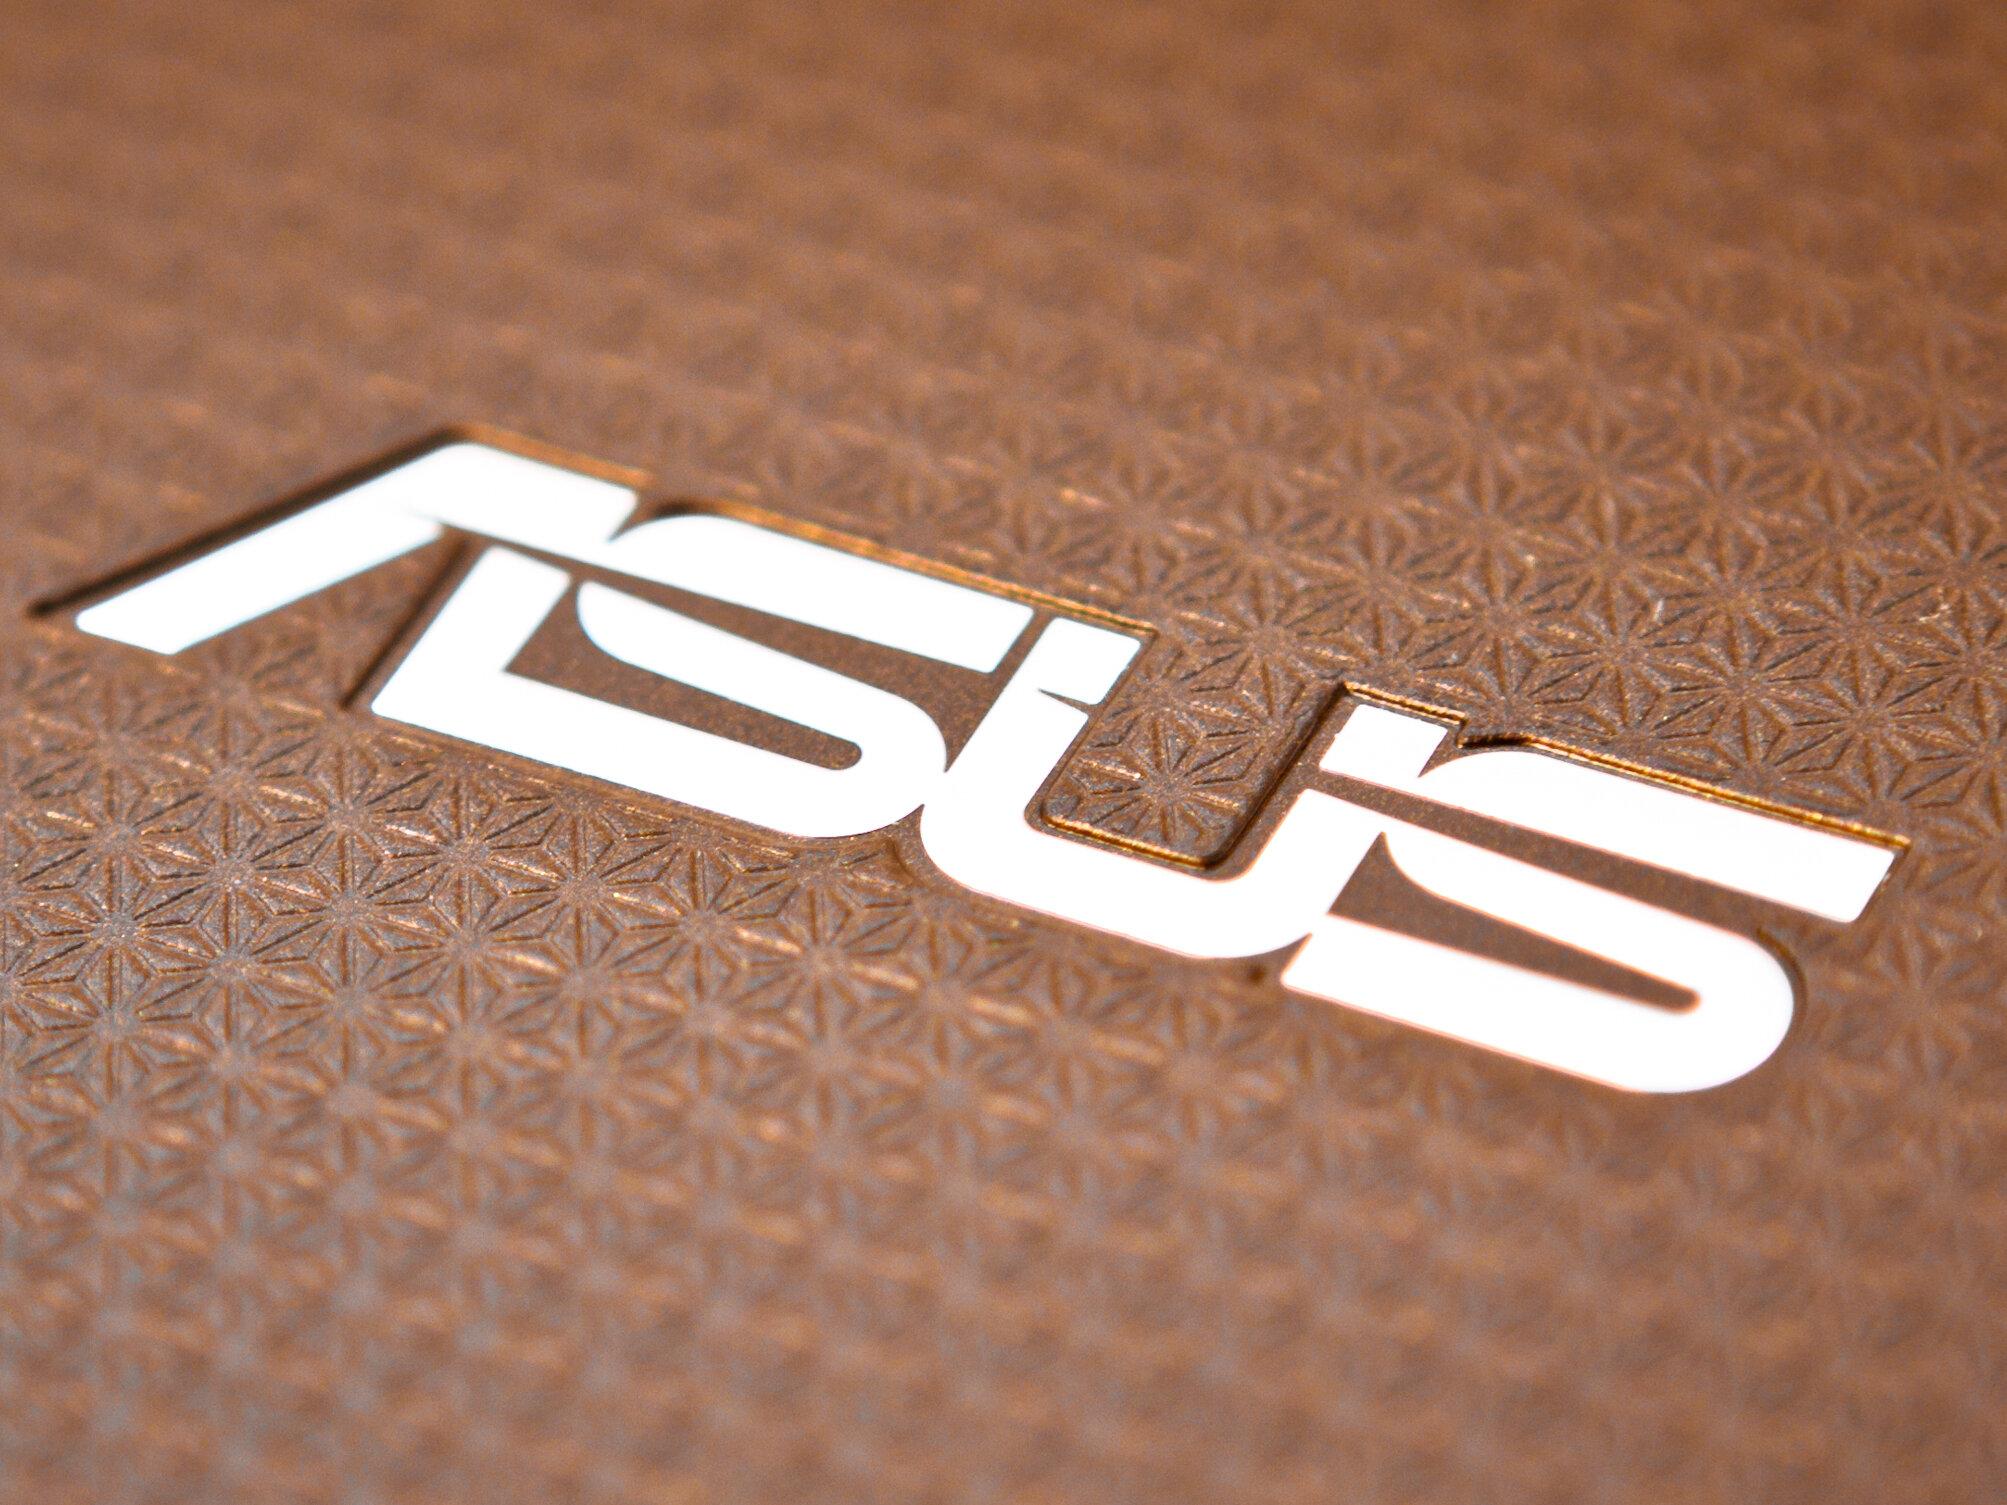 ASUS : de nouveaux BIOS/UEFI pour les prochains CPU Ryzen, mais pas pour les A320